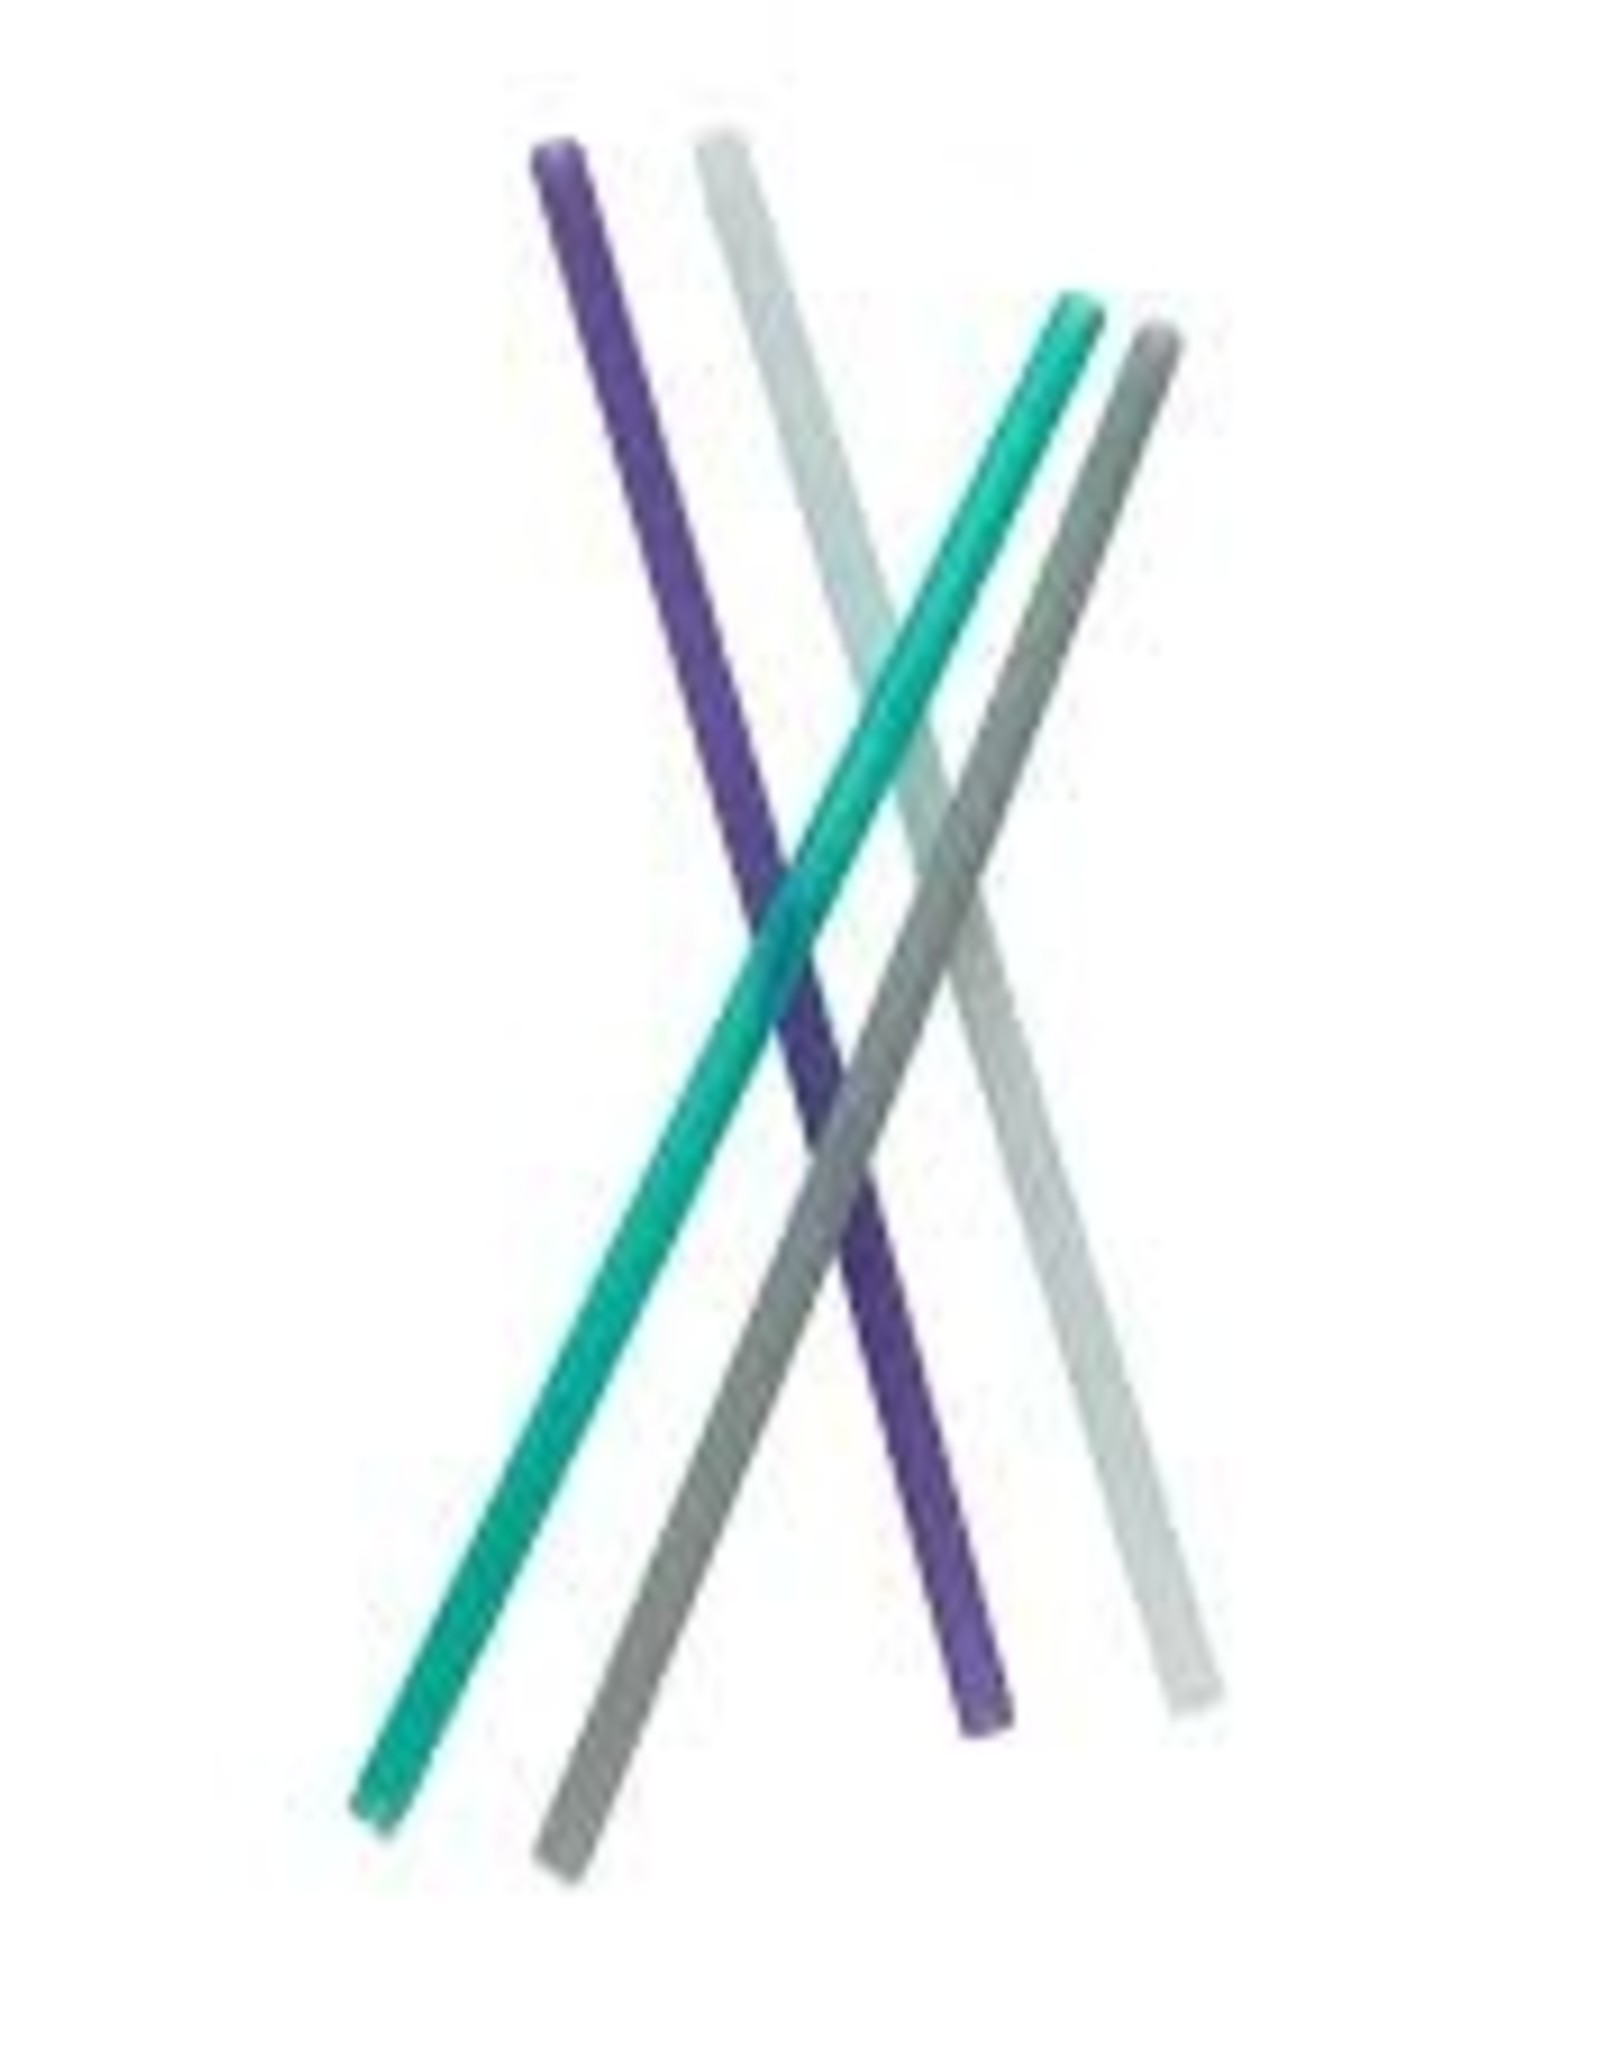 GoSili GoSili - Extra Long Straw Tin - Assorted Colors